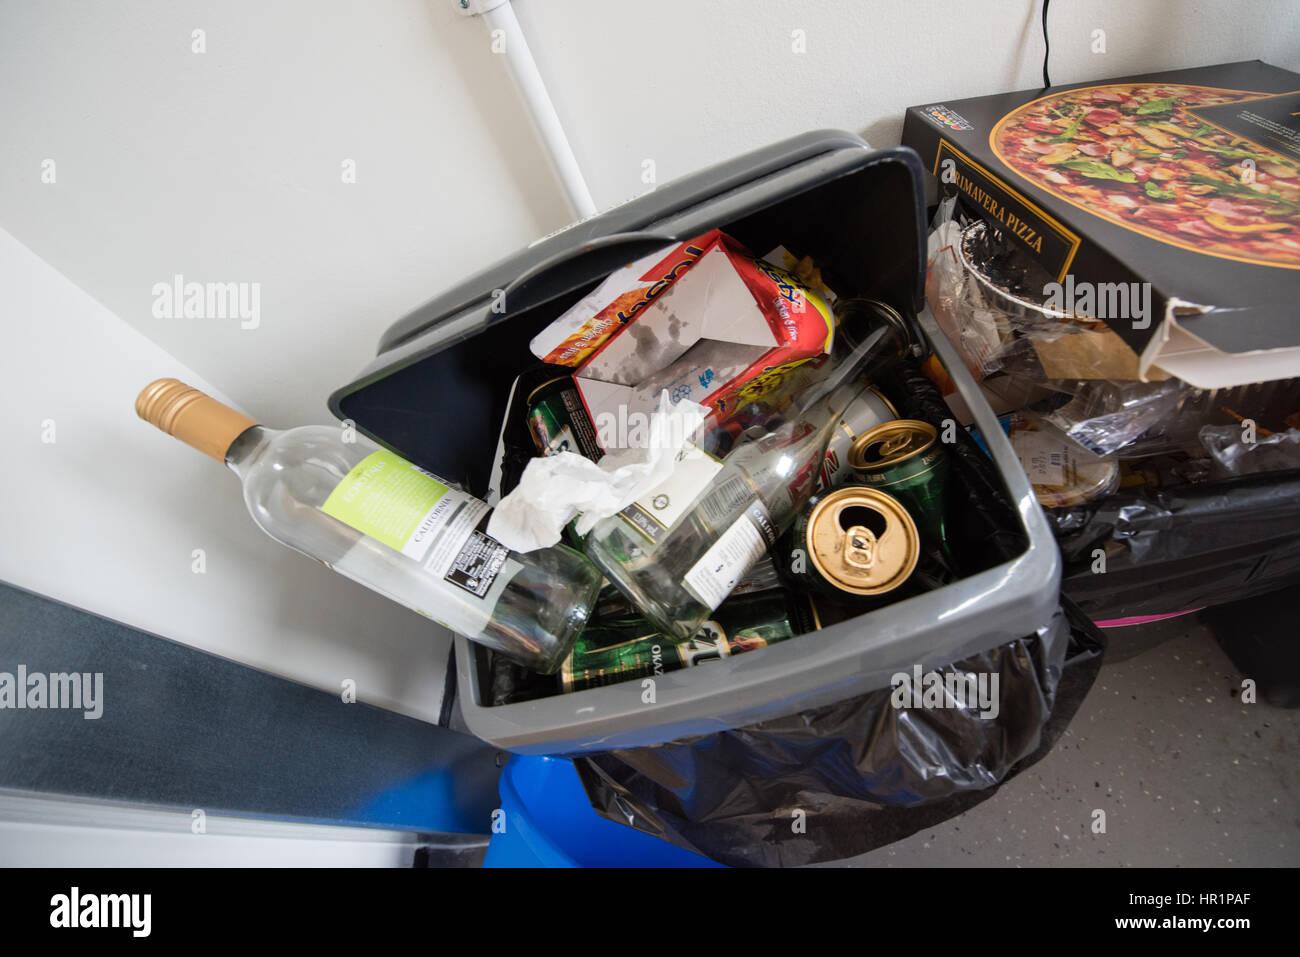 Schmutzige Küche Kunststoff Schaukel Kästen voller Müll überfüllt ...